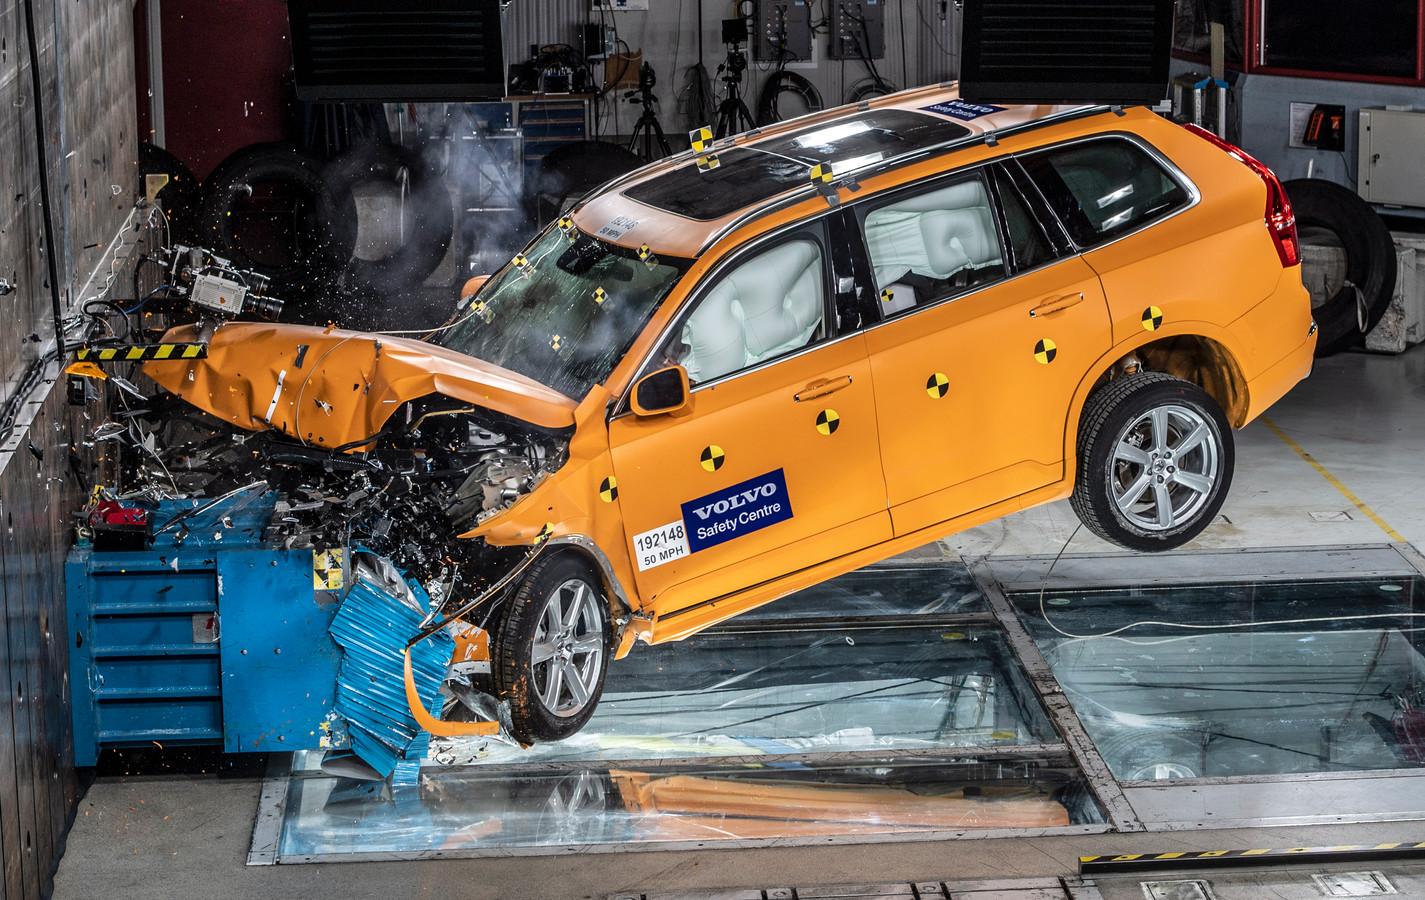 Un crash test mené en Suède (illustration, archives, 2019)